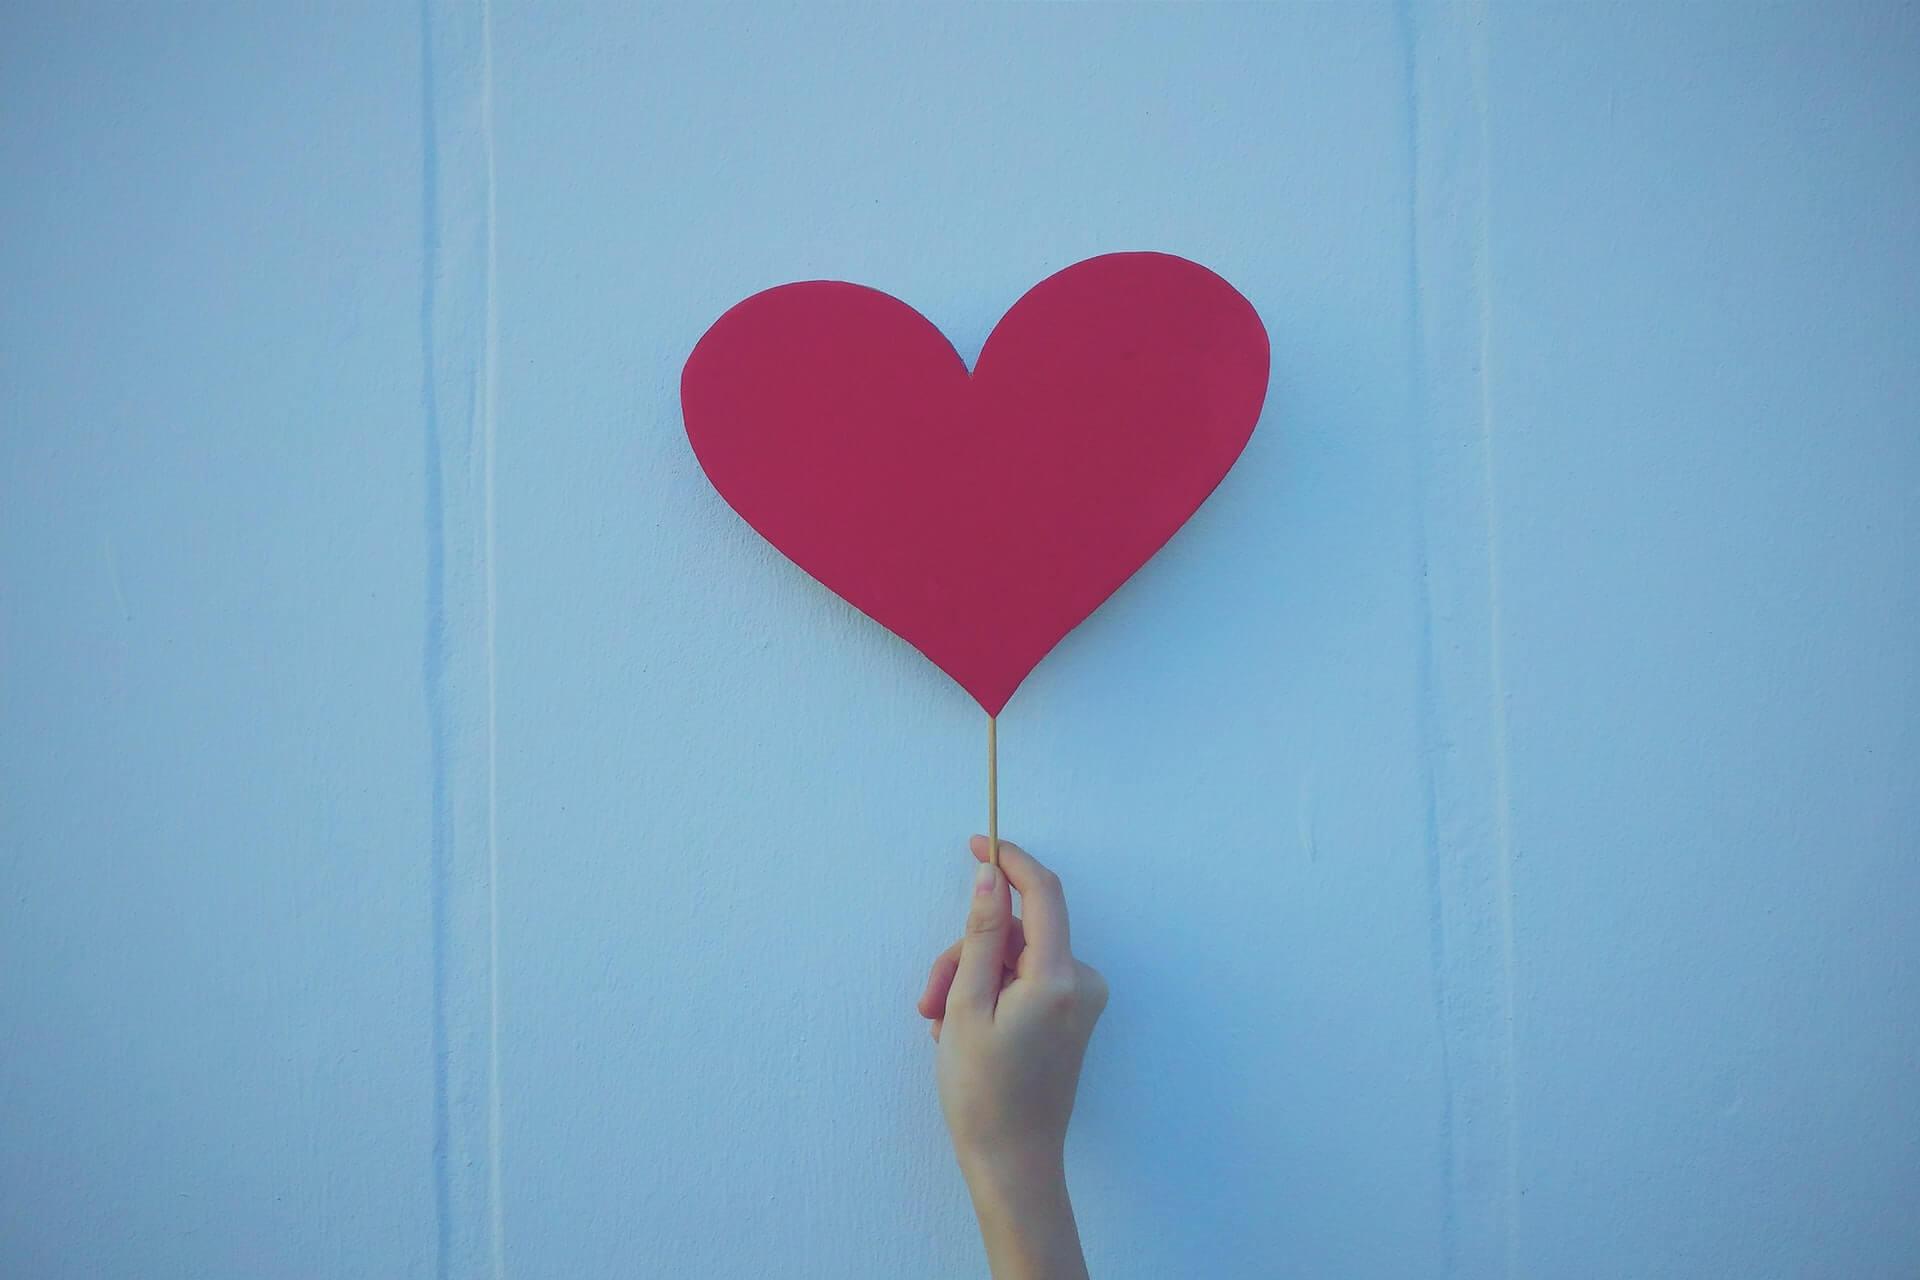 潜在意識引き寄せ恋愛